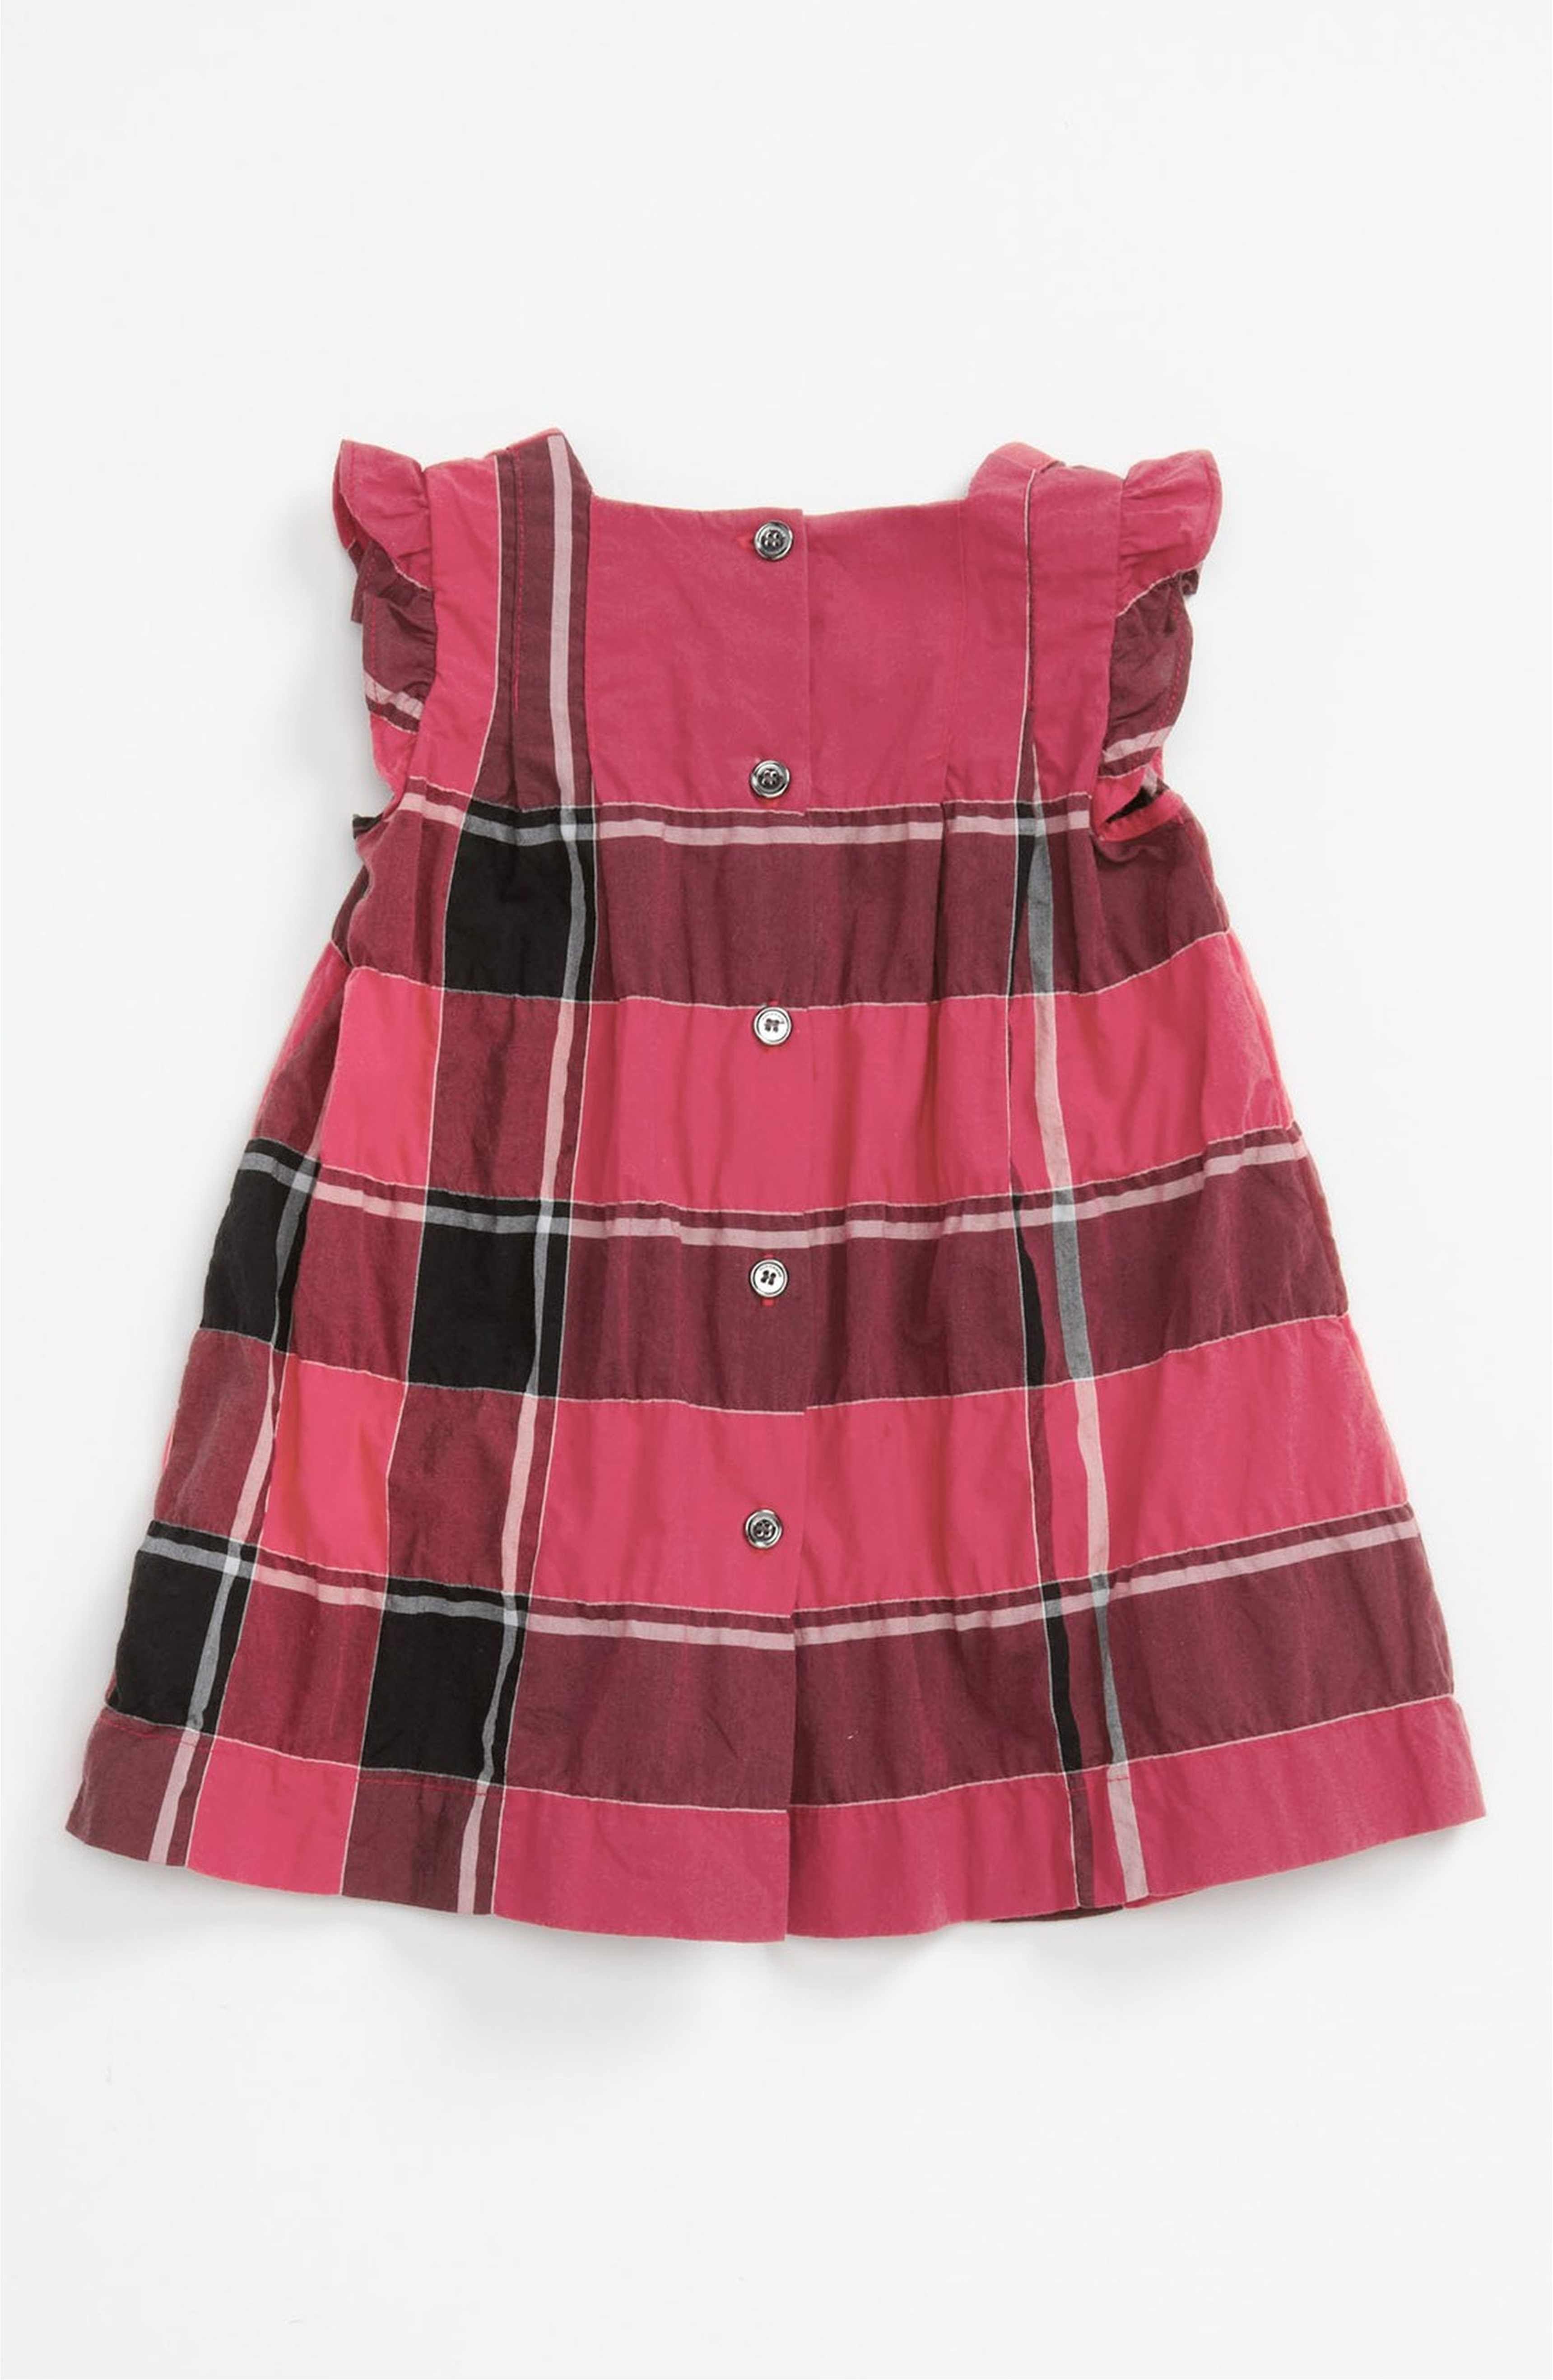 Main Image Burberry Desire Dress Baby Girls